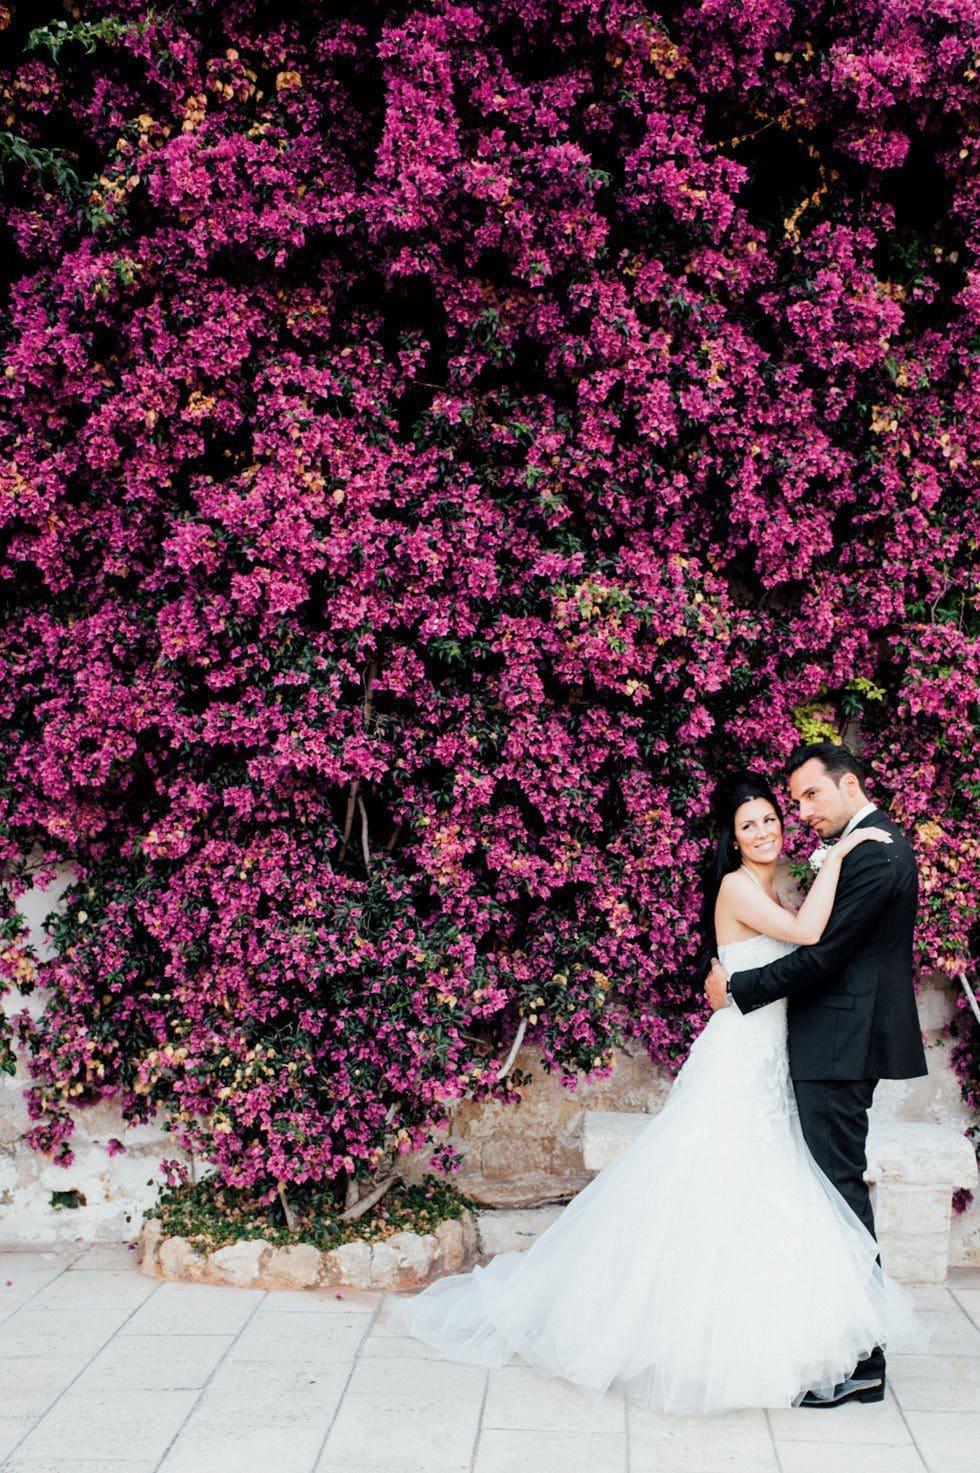 Hochzeitsfoto Brautpaar Blumen